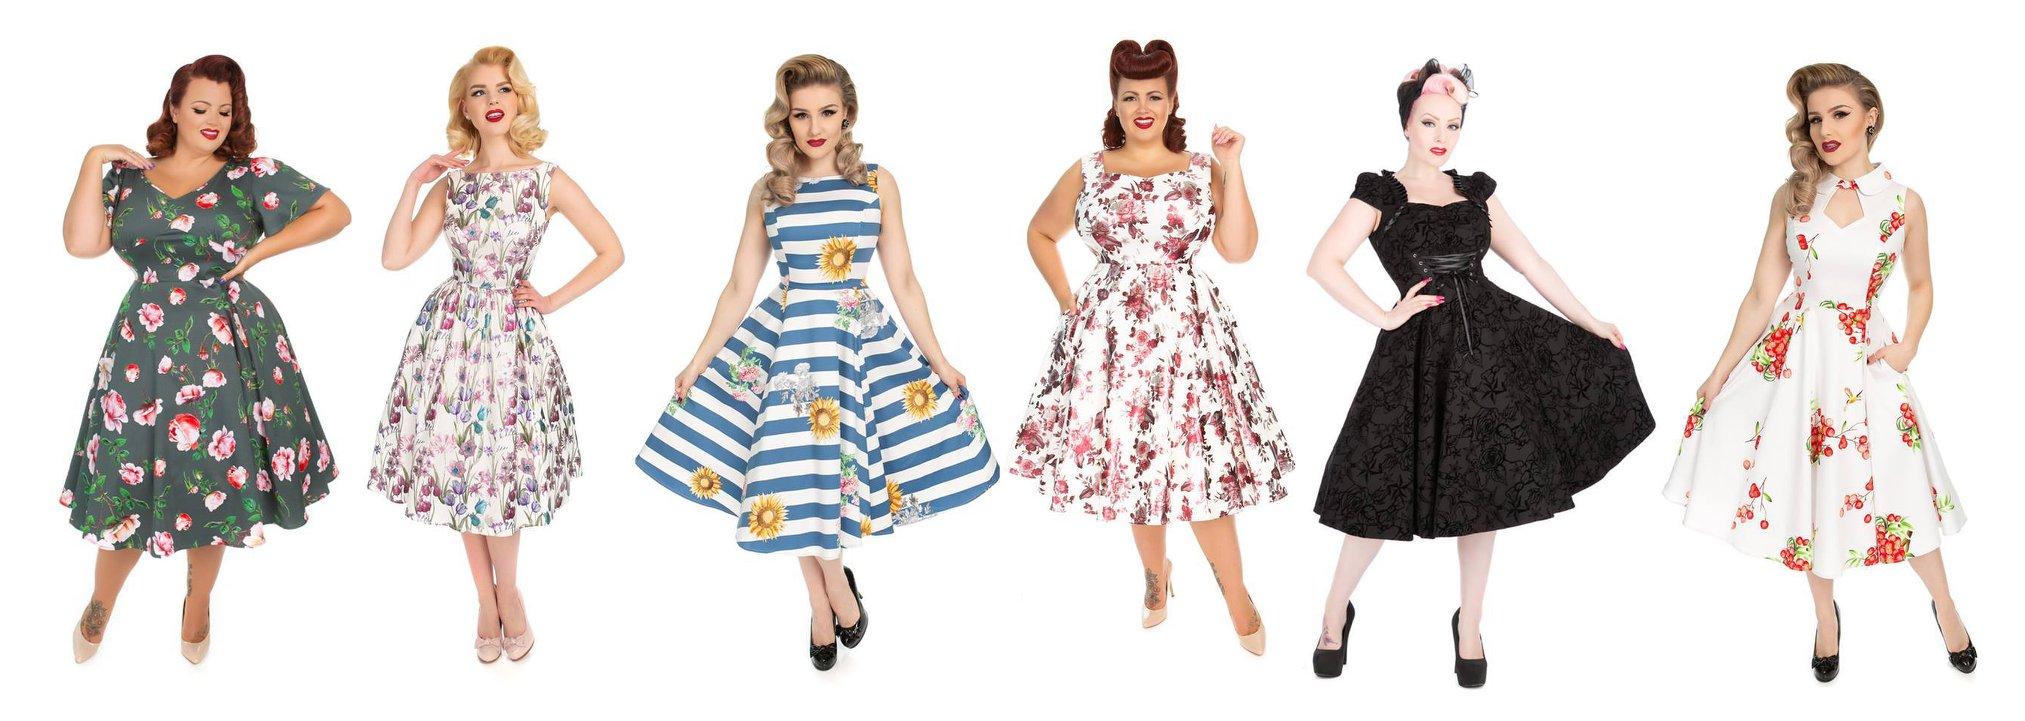 obscene store - kieler ladengeschäft für 50er jahre mode und